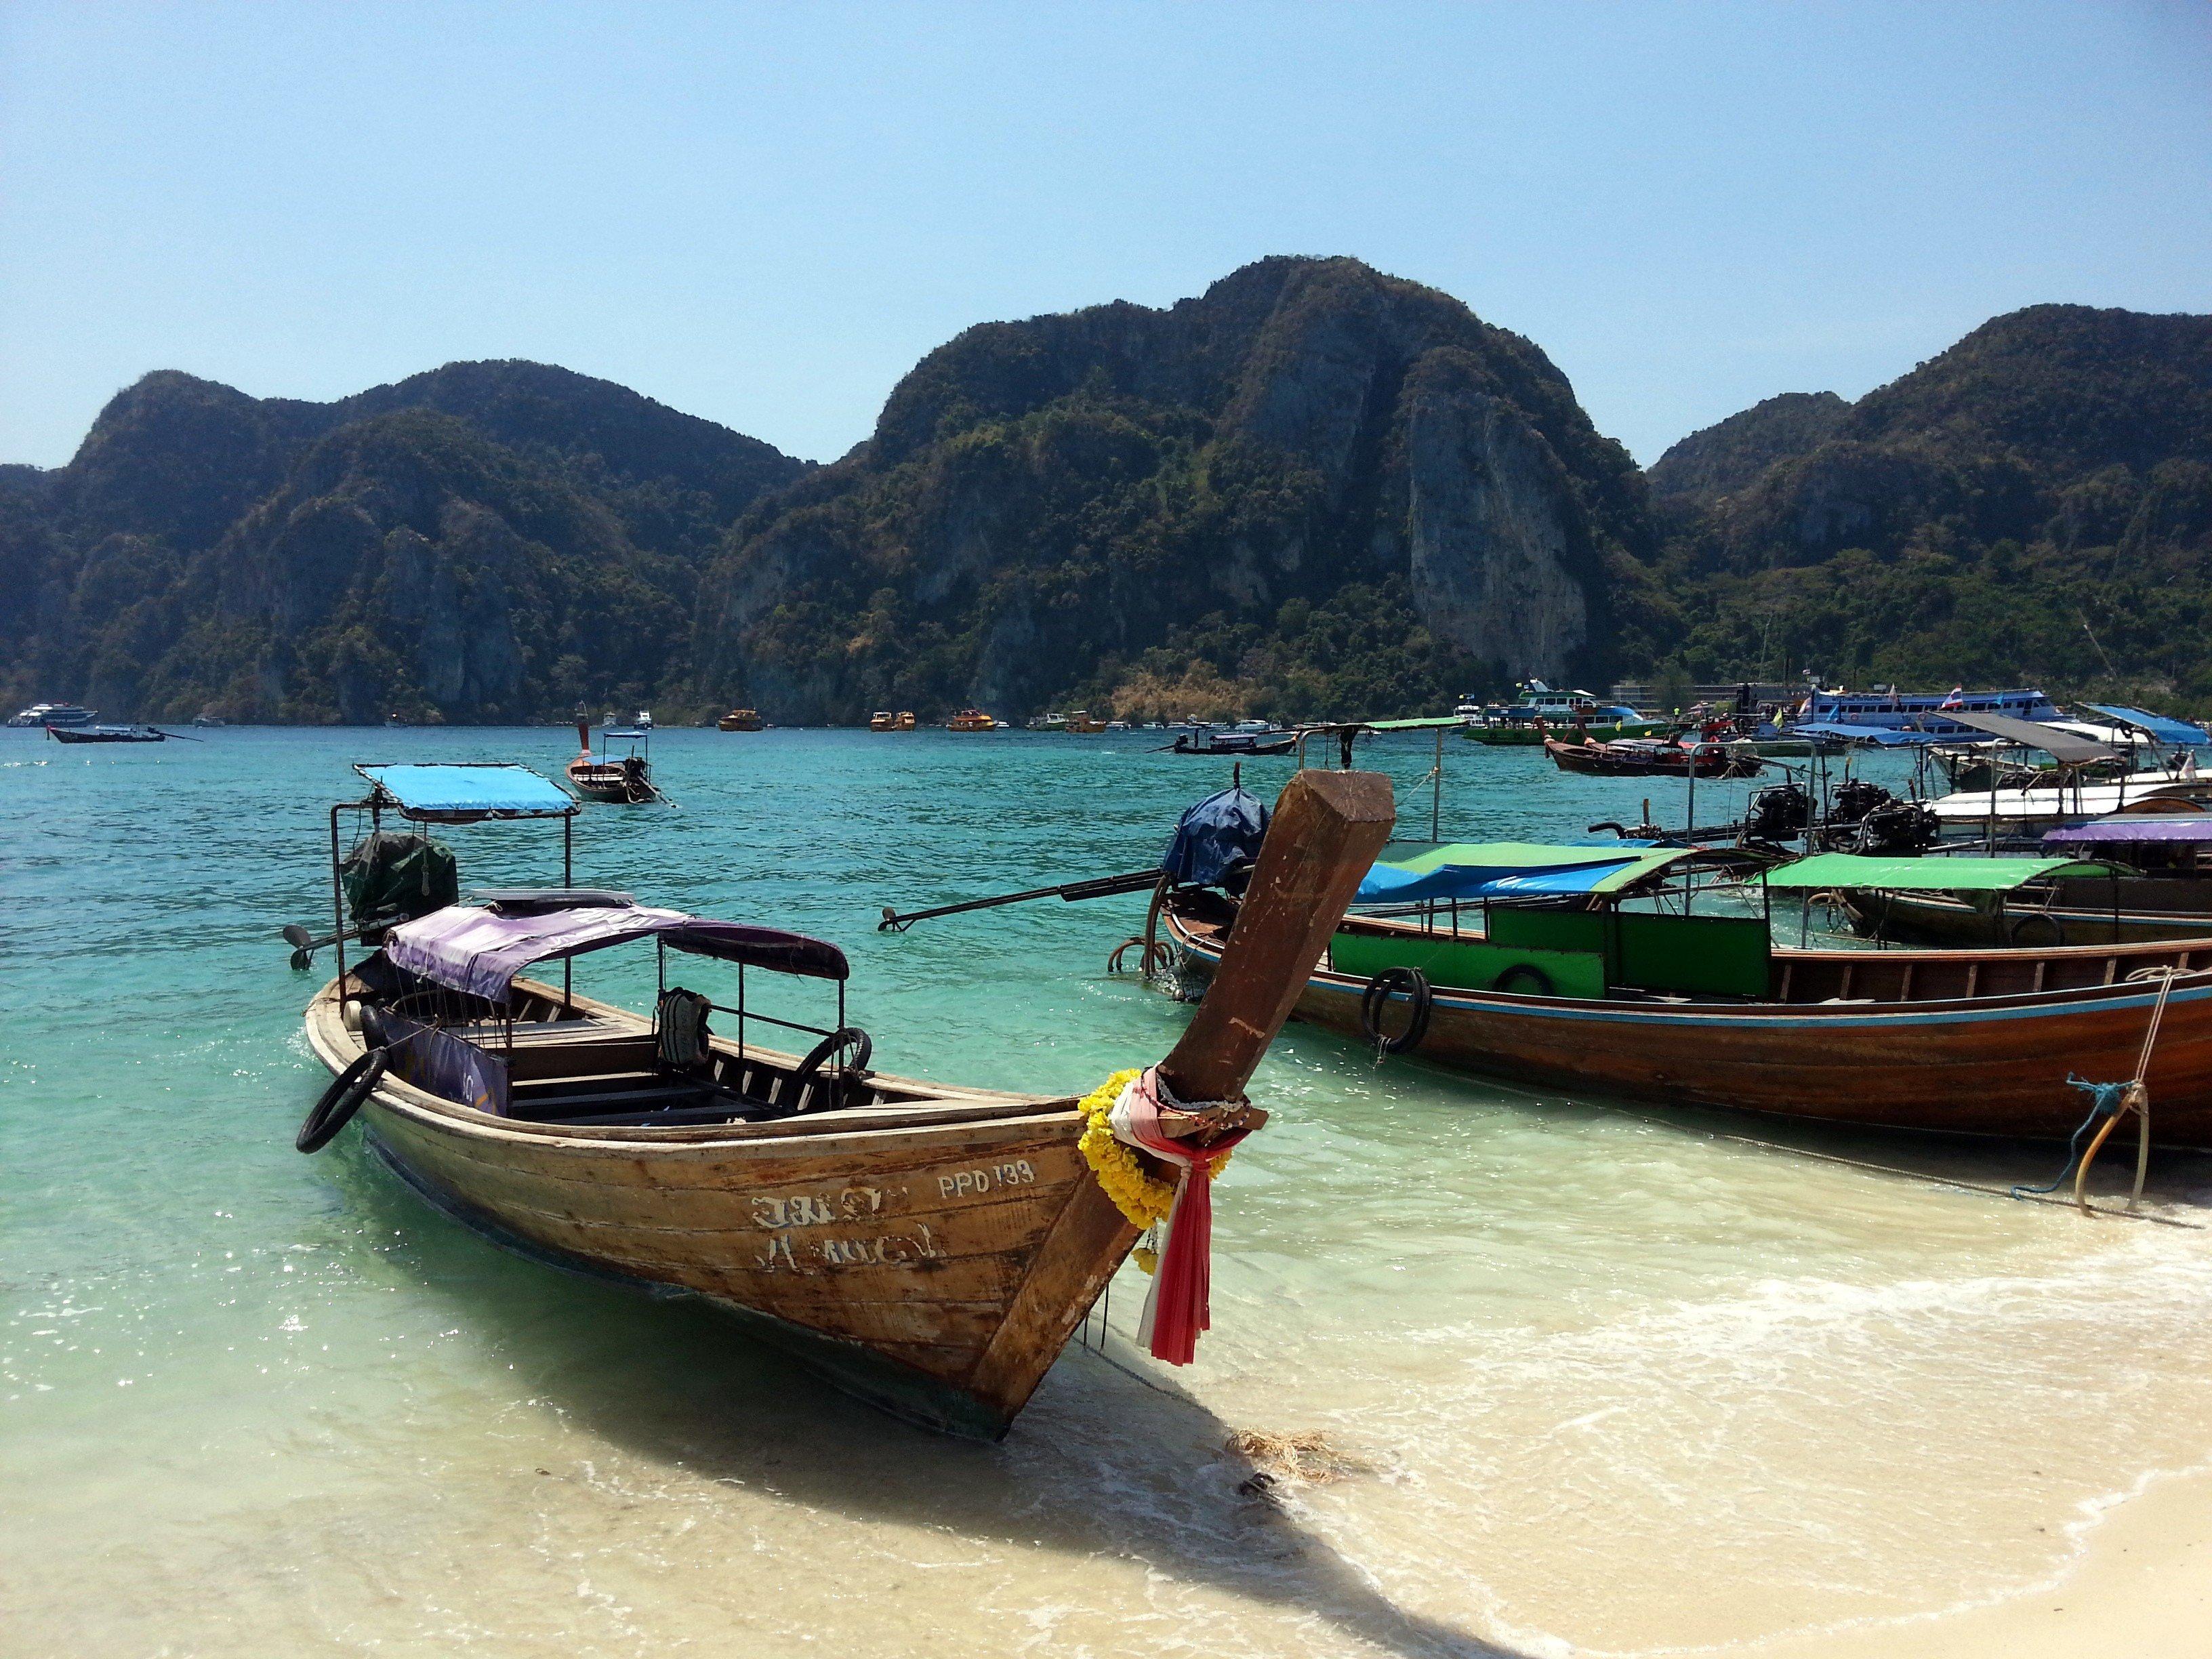 Longtail boat in Koh Phi Phi